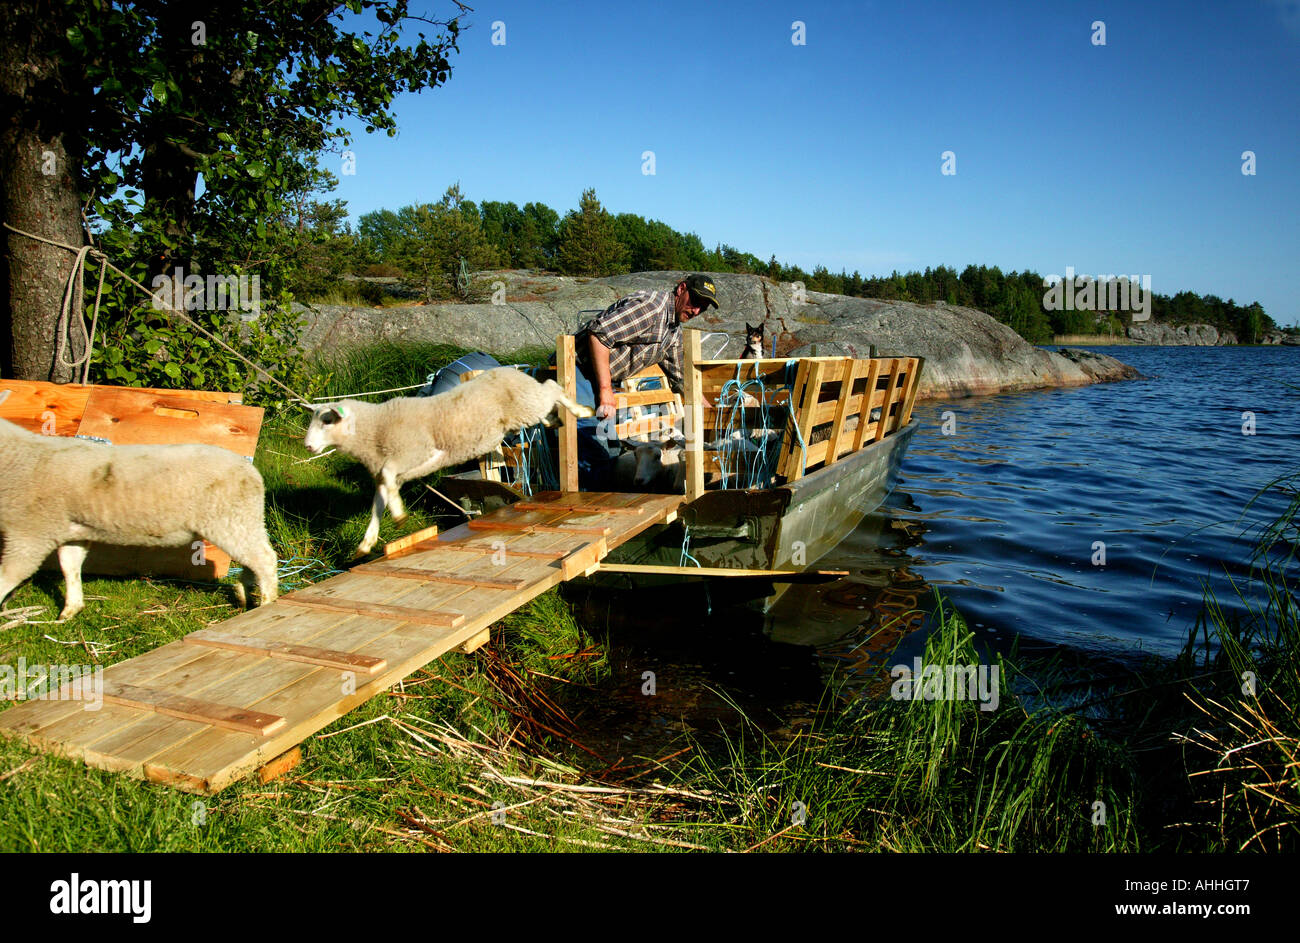 Schafe springen aus einem Boot für Sommerurlaub auf der Insel Østenrødøya in den See Vansjø, Råde Kommune, Østfold Fylke, Norwegen. Stockbild